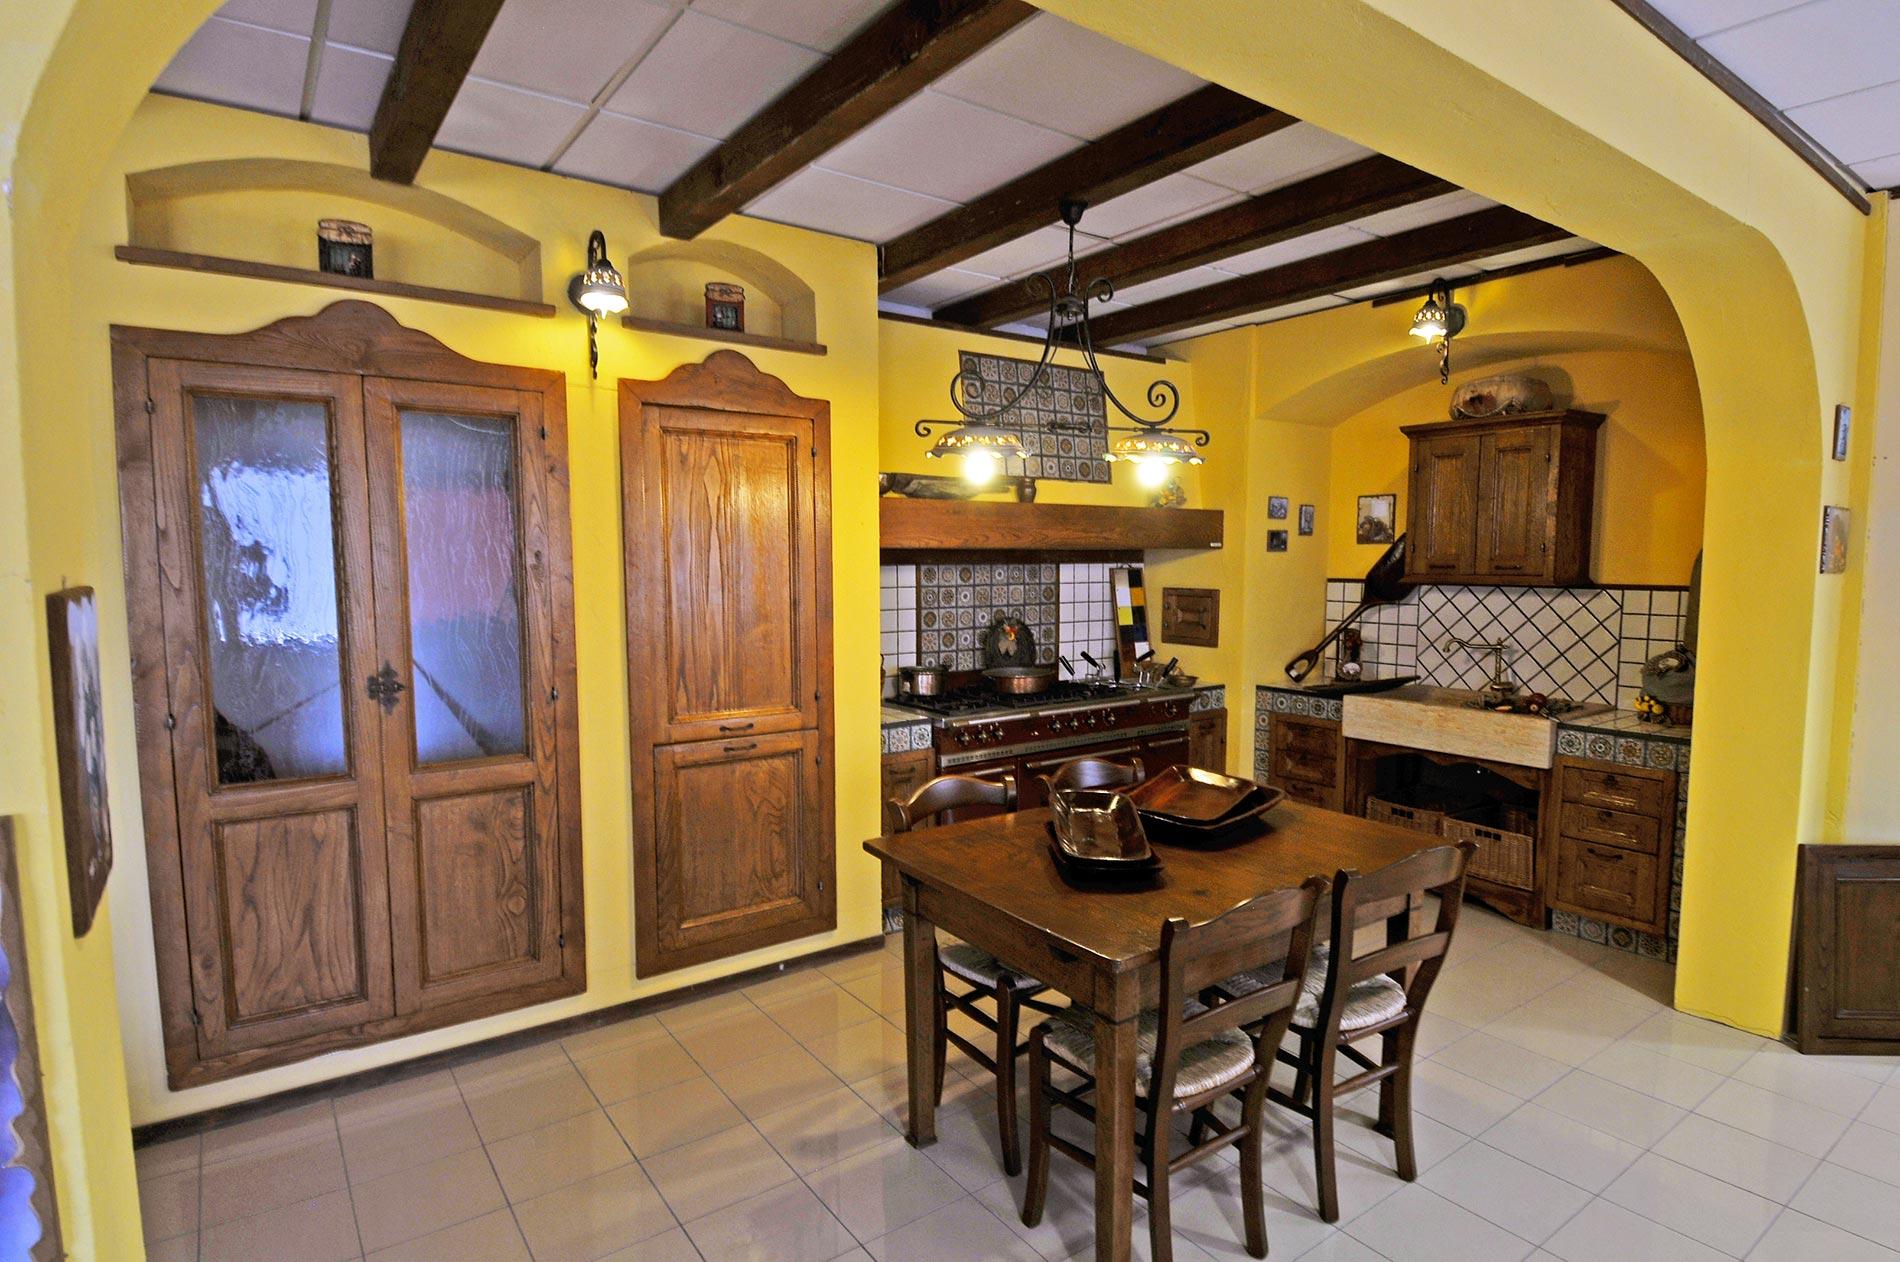 Cucina finta muratura Tosca realizzata con materiali robusti e resistenti